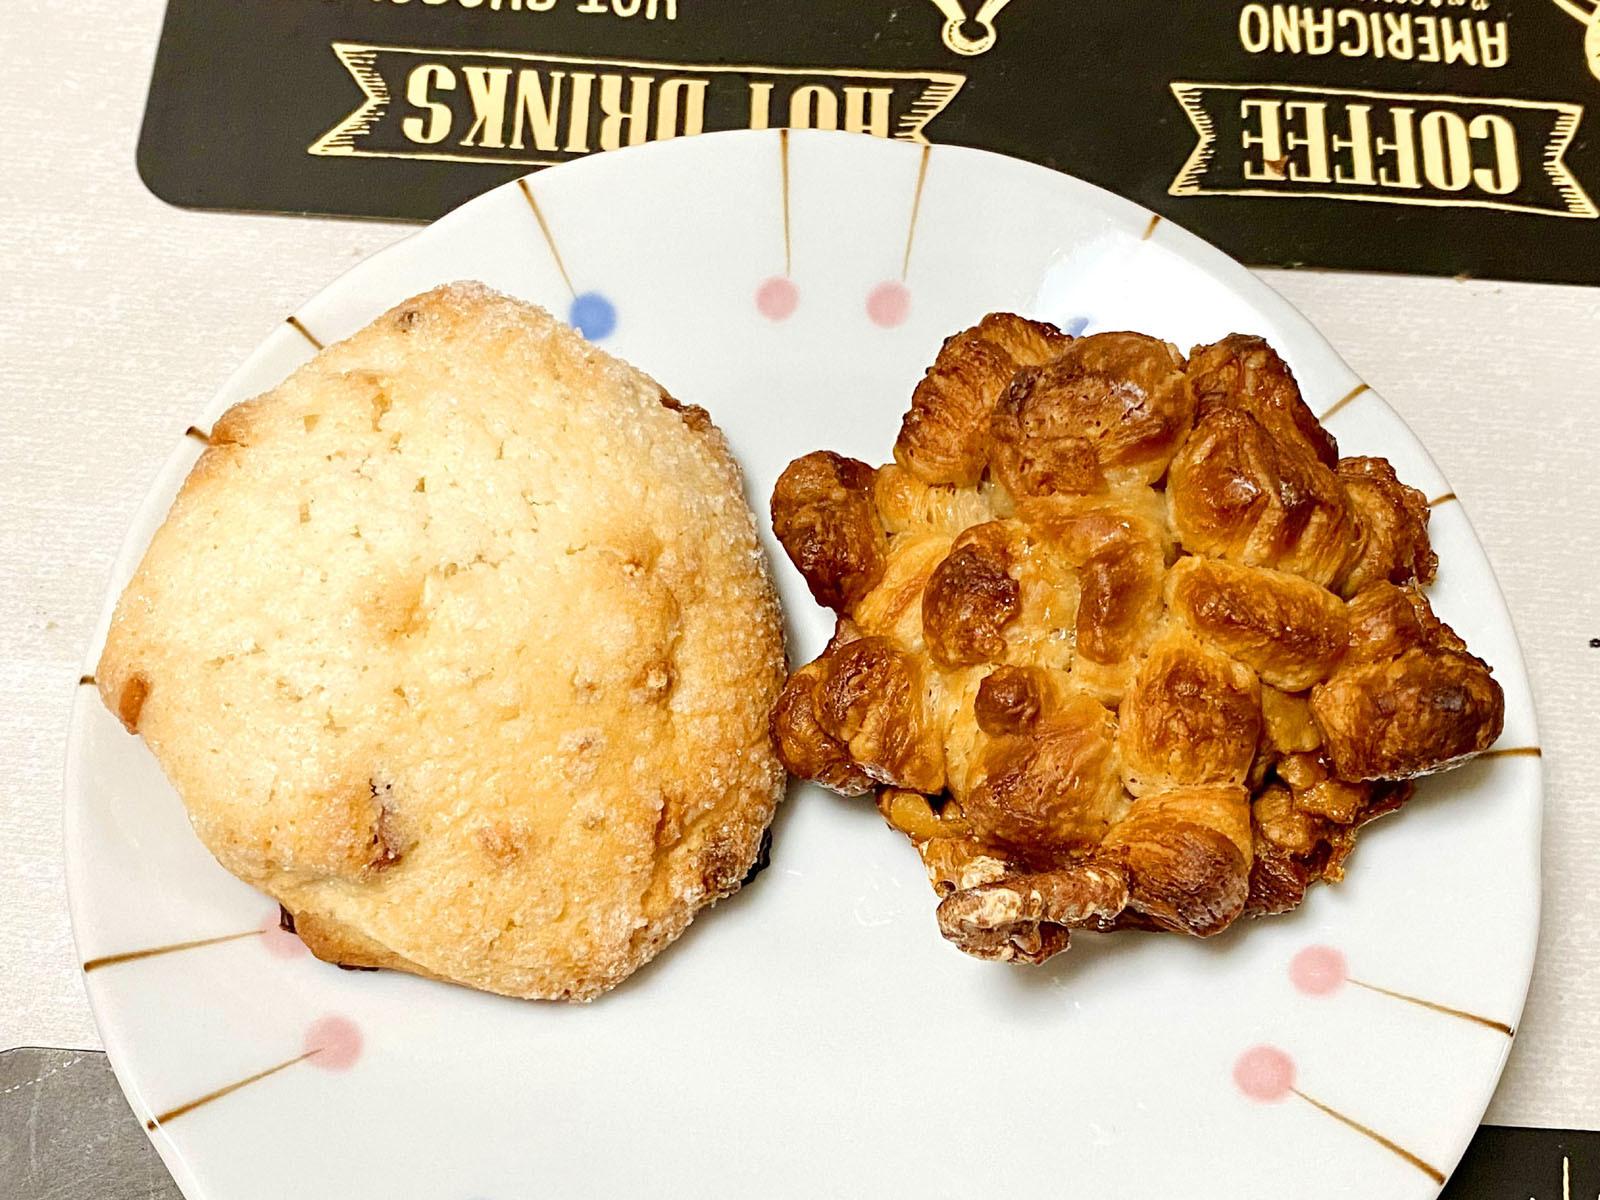 パン屋のクッキー 160円+税、くるみクロッカン 230円